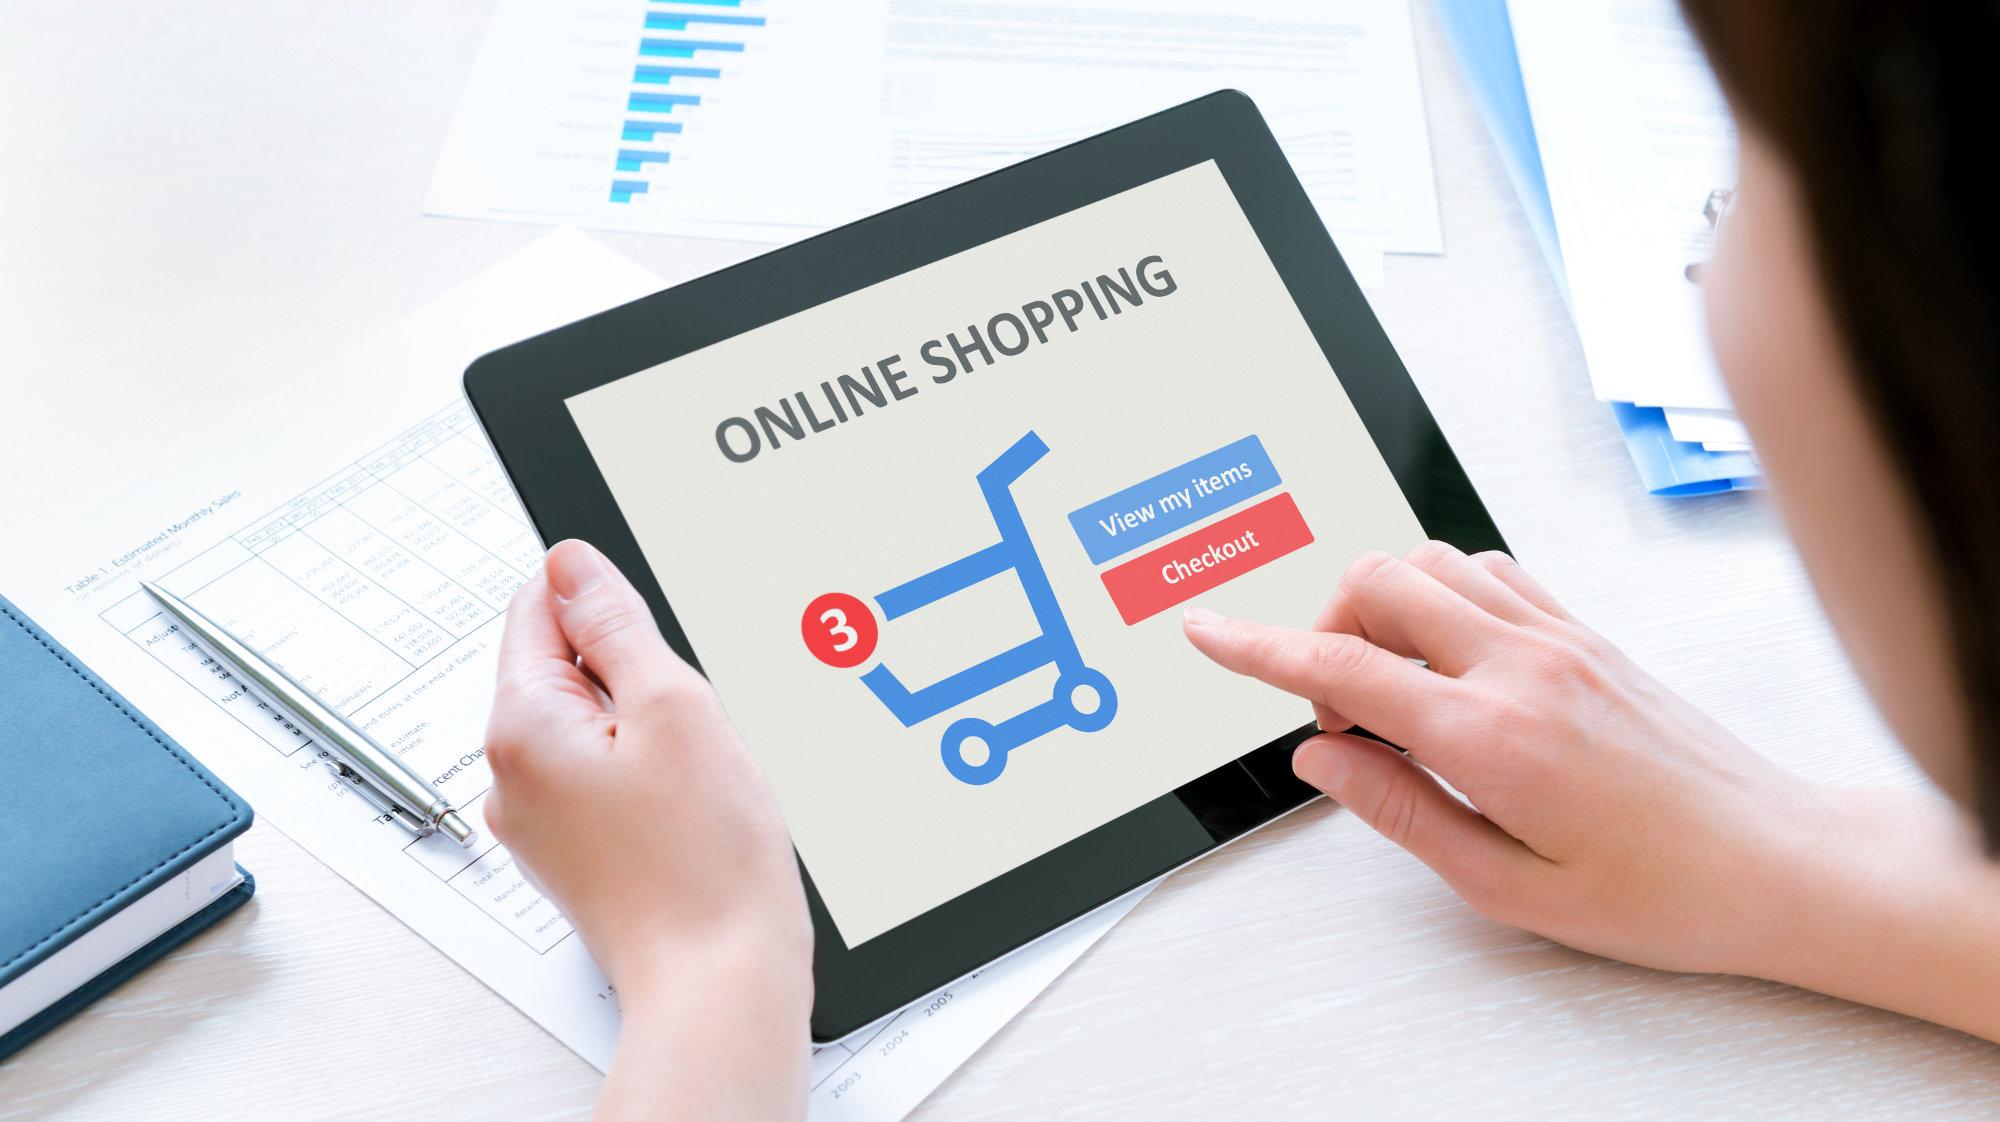 L'importanza dell'eCommerce nel settore della Moda